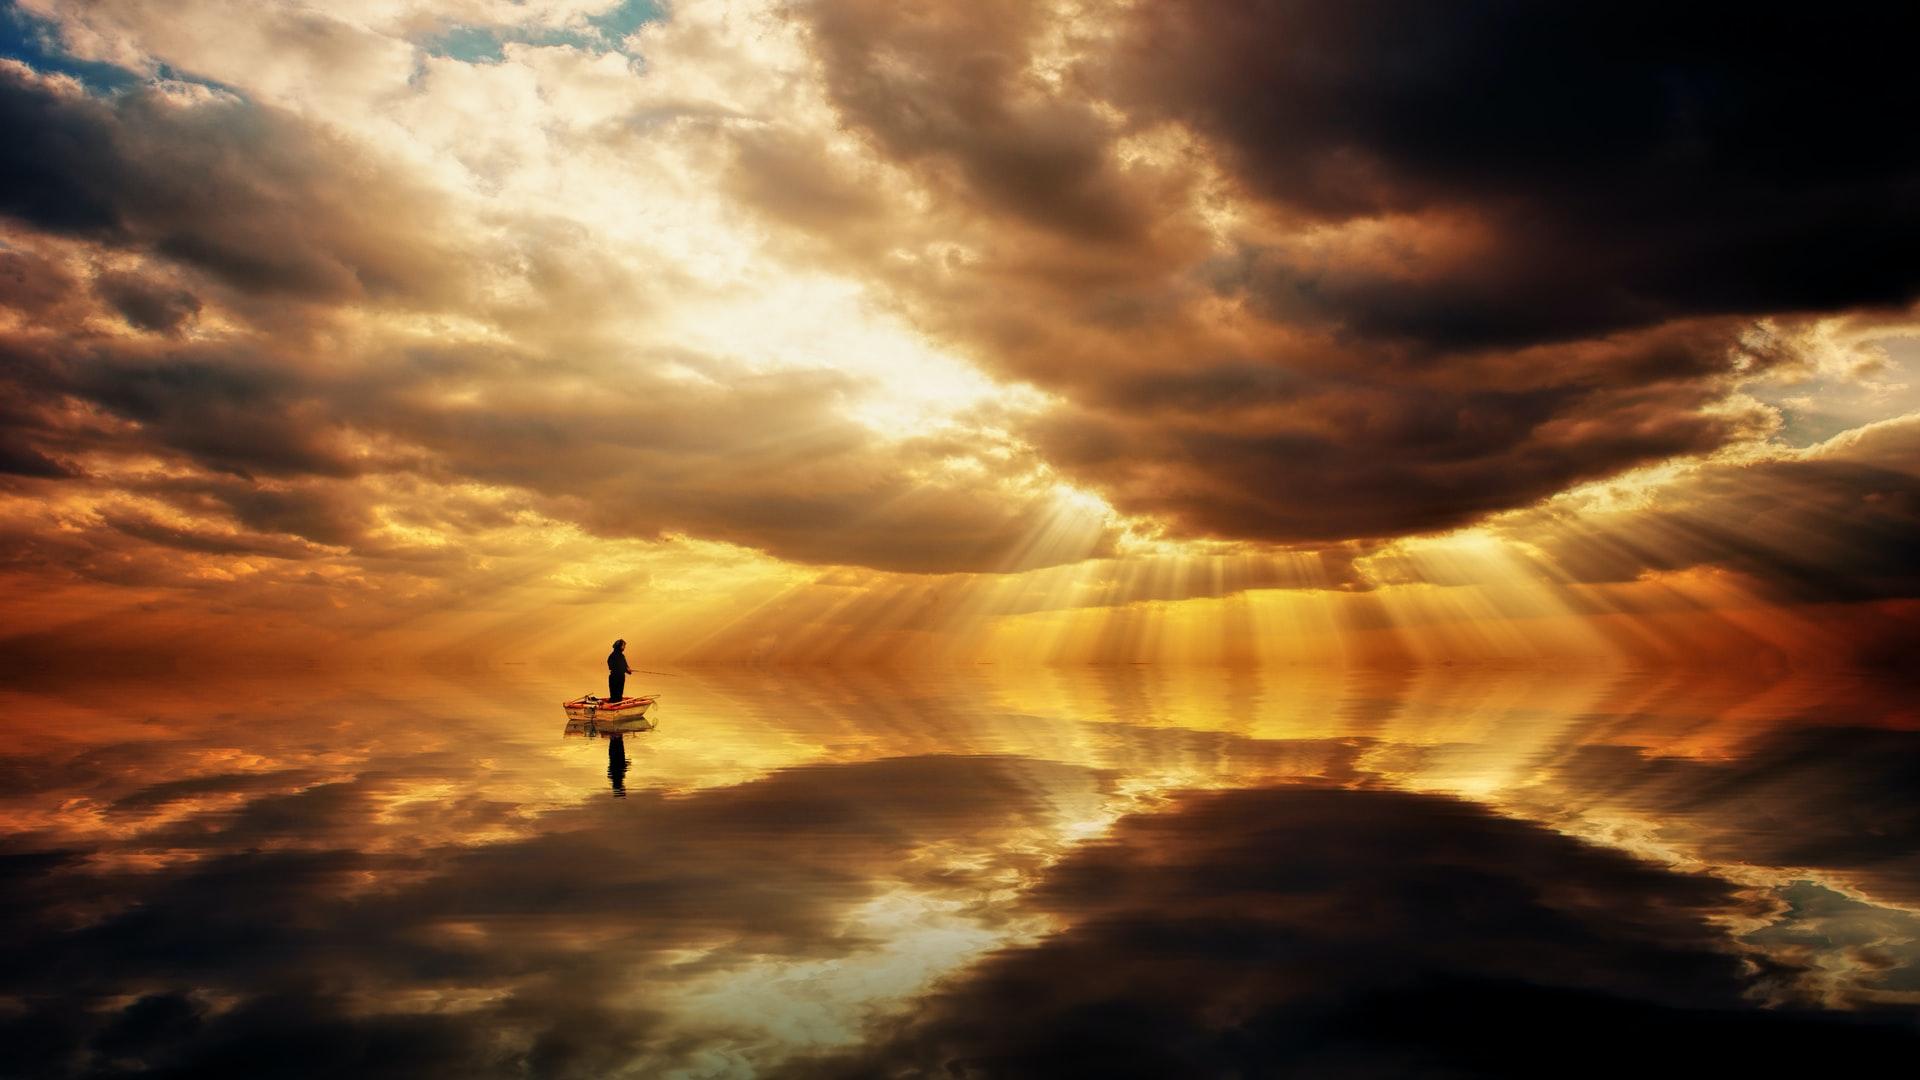 Hogyan biztosíthatod a helyedet a mennyben? – Minden, amit a megtérésről tudni szeretnél